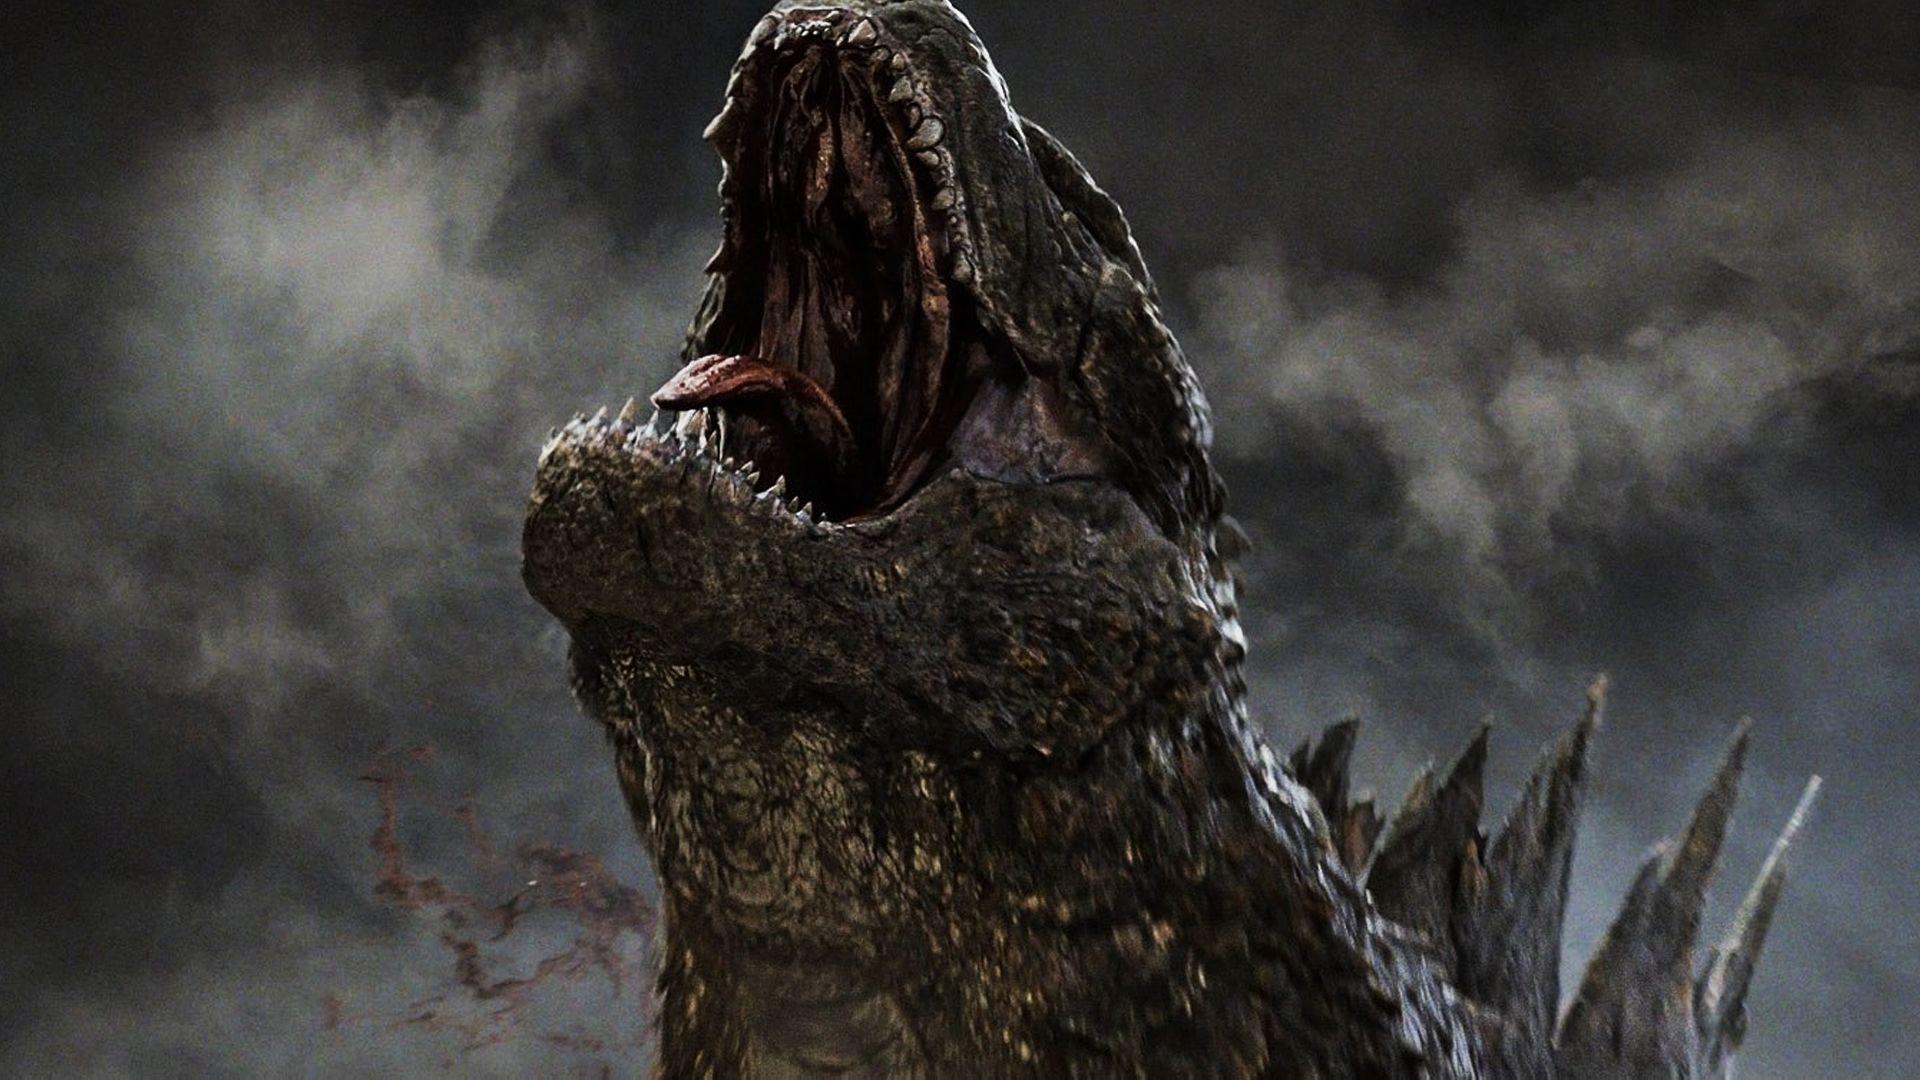 Imágenes de Godzilla en HD para descargar y compartir | Fotos o Imágenes | Portadas para